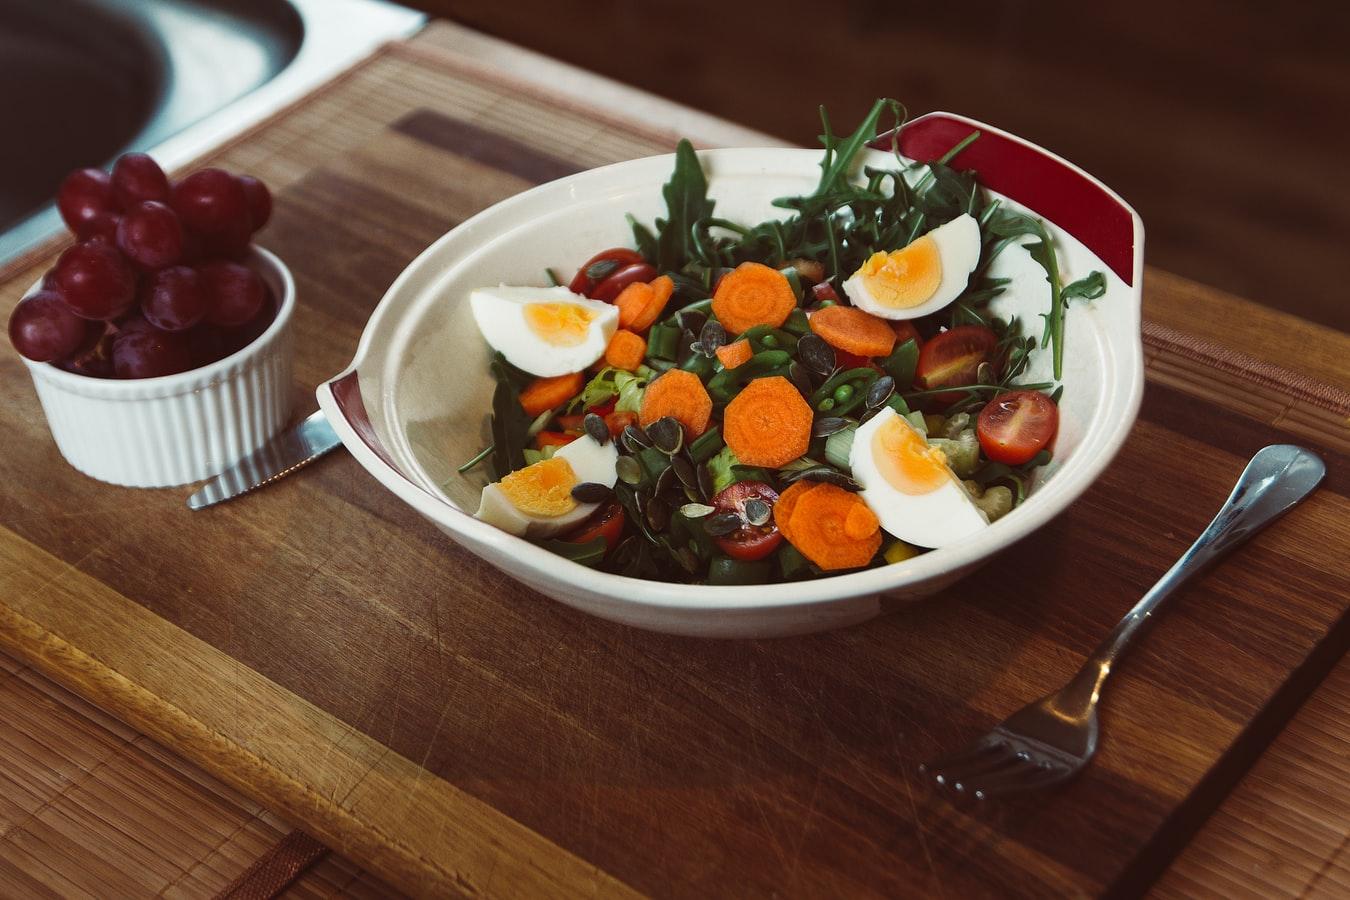 Un plat de salades avec des oeufs et des raisins.